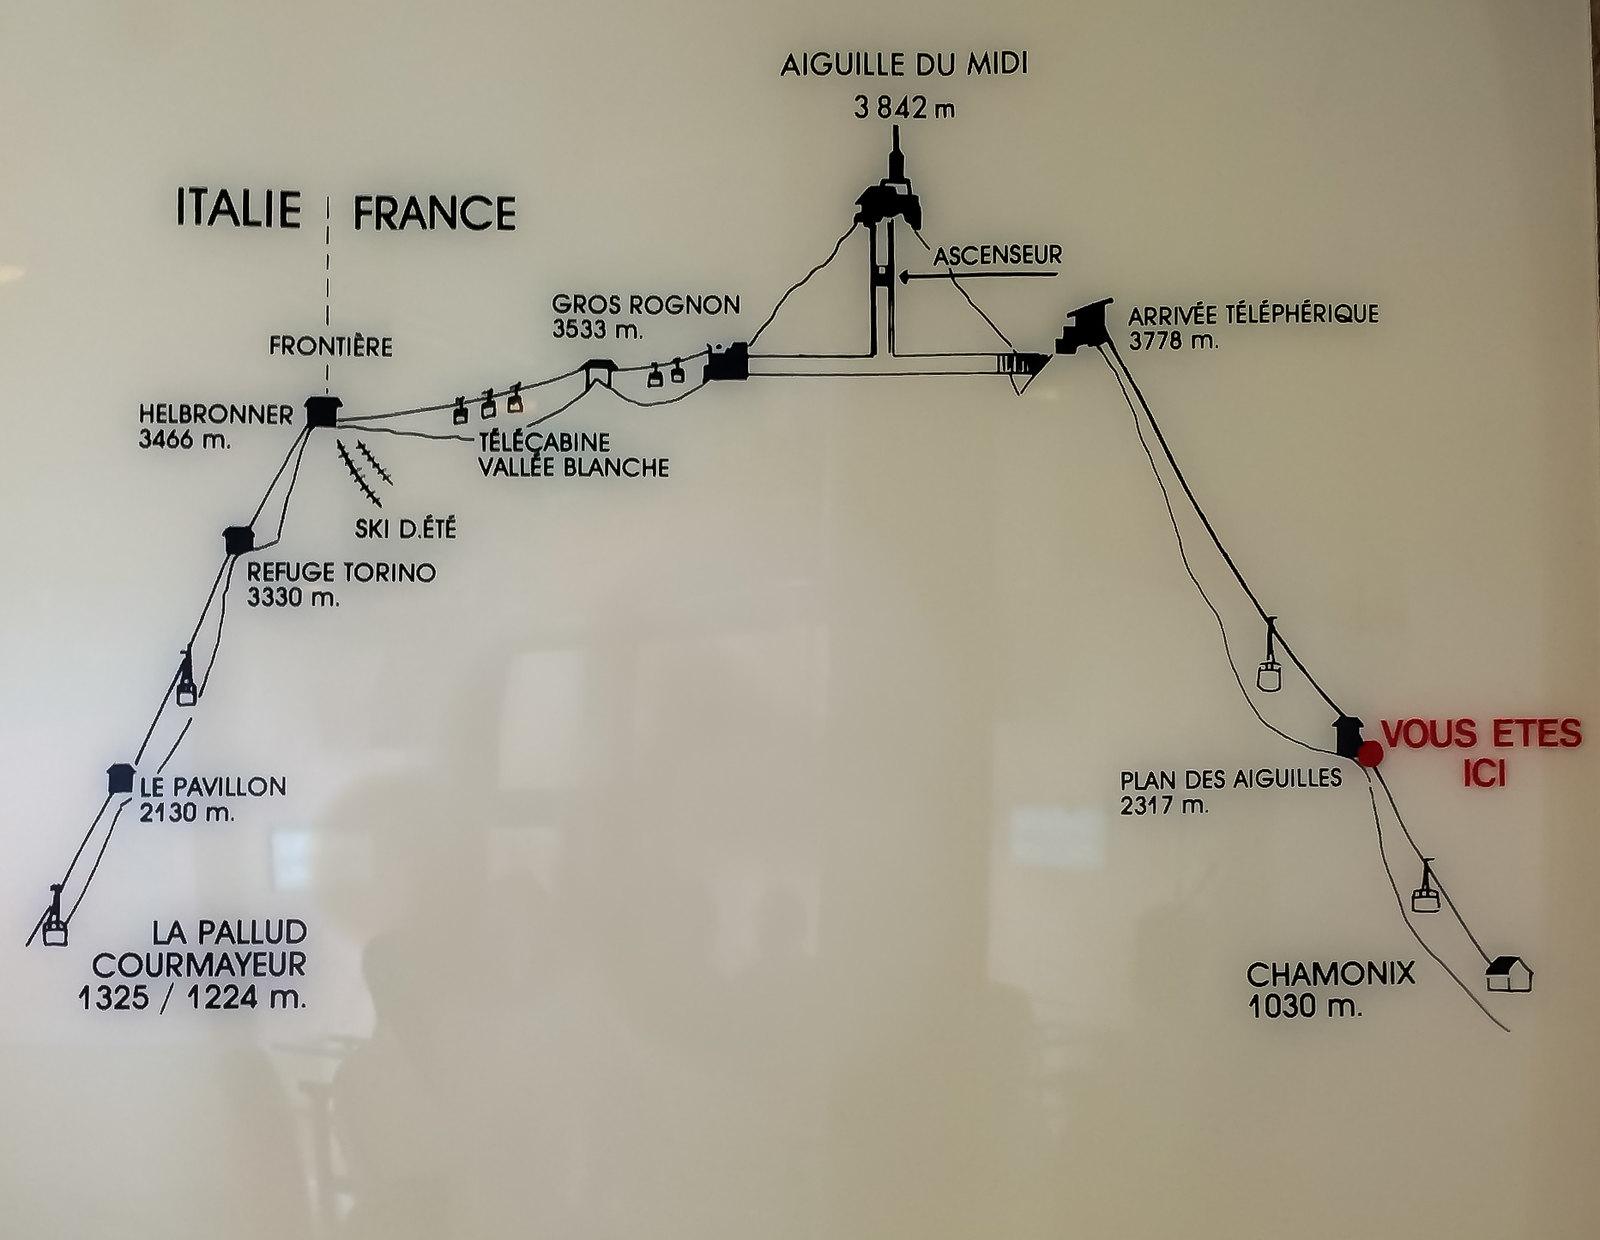 Шамони Мон-Блан - Мы поднимемся с нижней станции Chamonix (1030 метра над уровнем моря) через промежуточную станцию Plan des aiguilles на пик (3778 метро над уровнем моря). Это перепад высот 2748 метров!!!